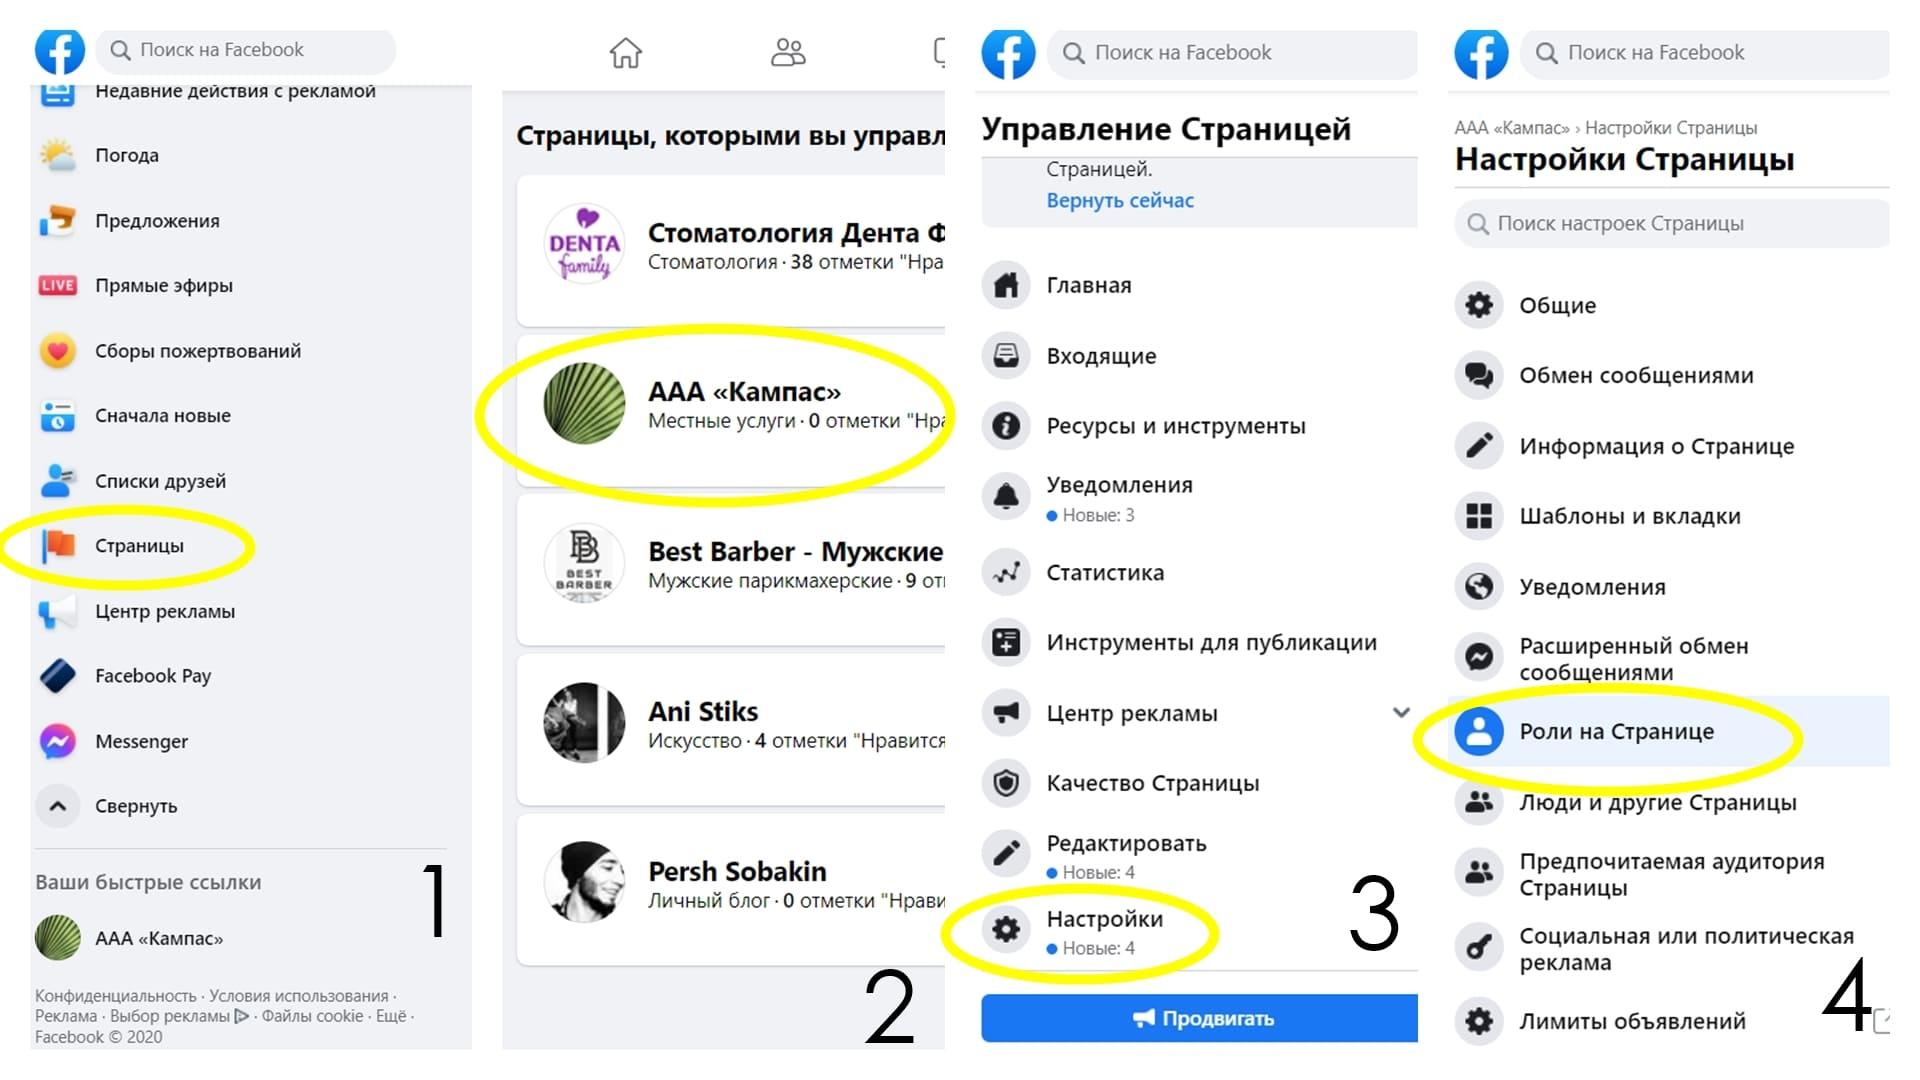 Как посмотреть администратора группы в Facebook